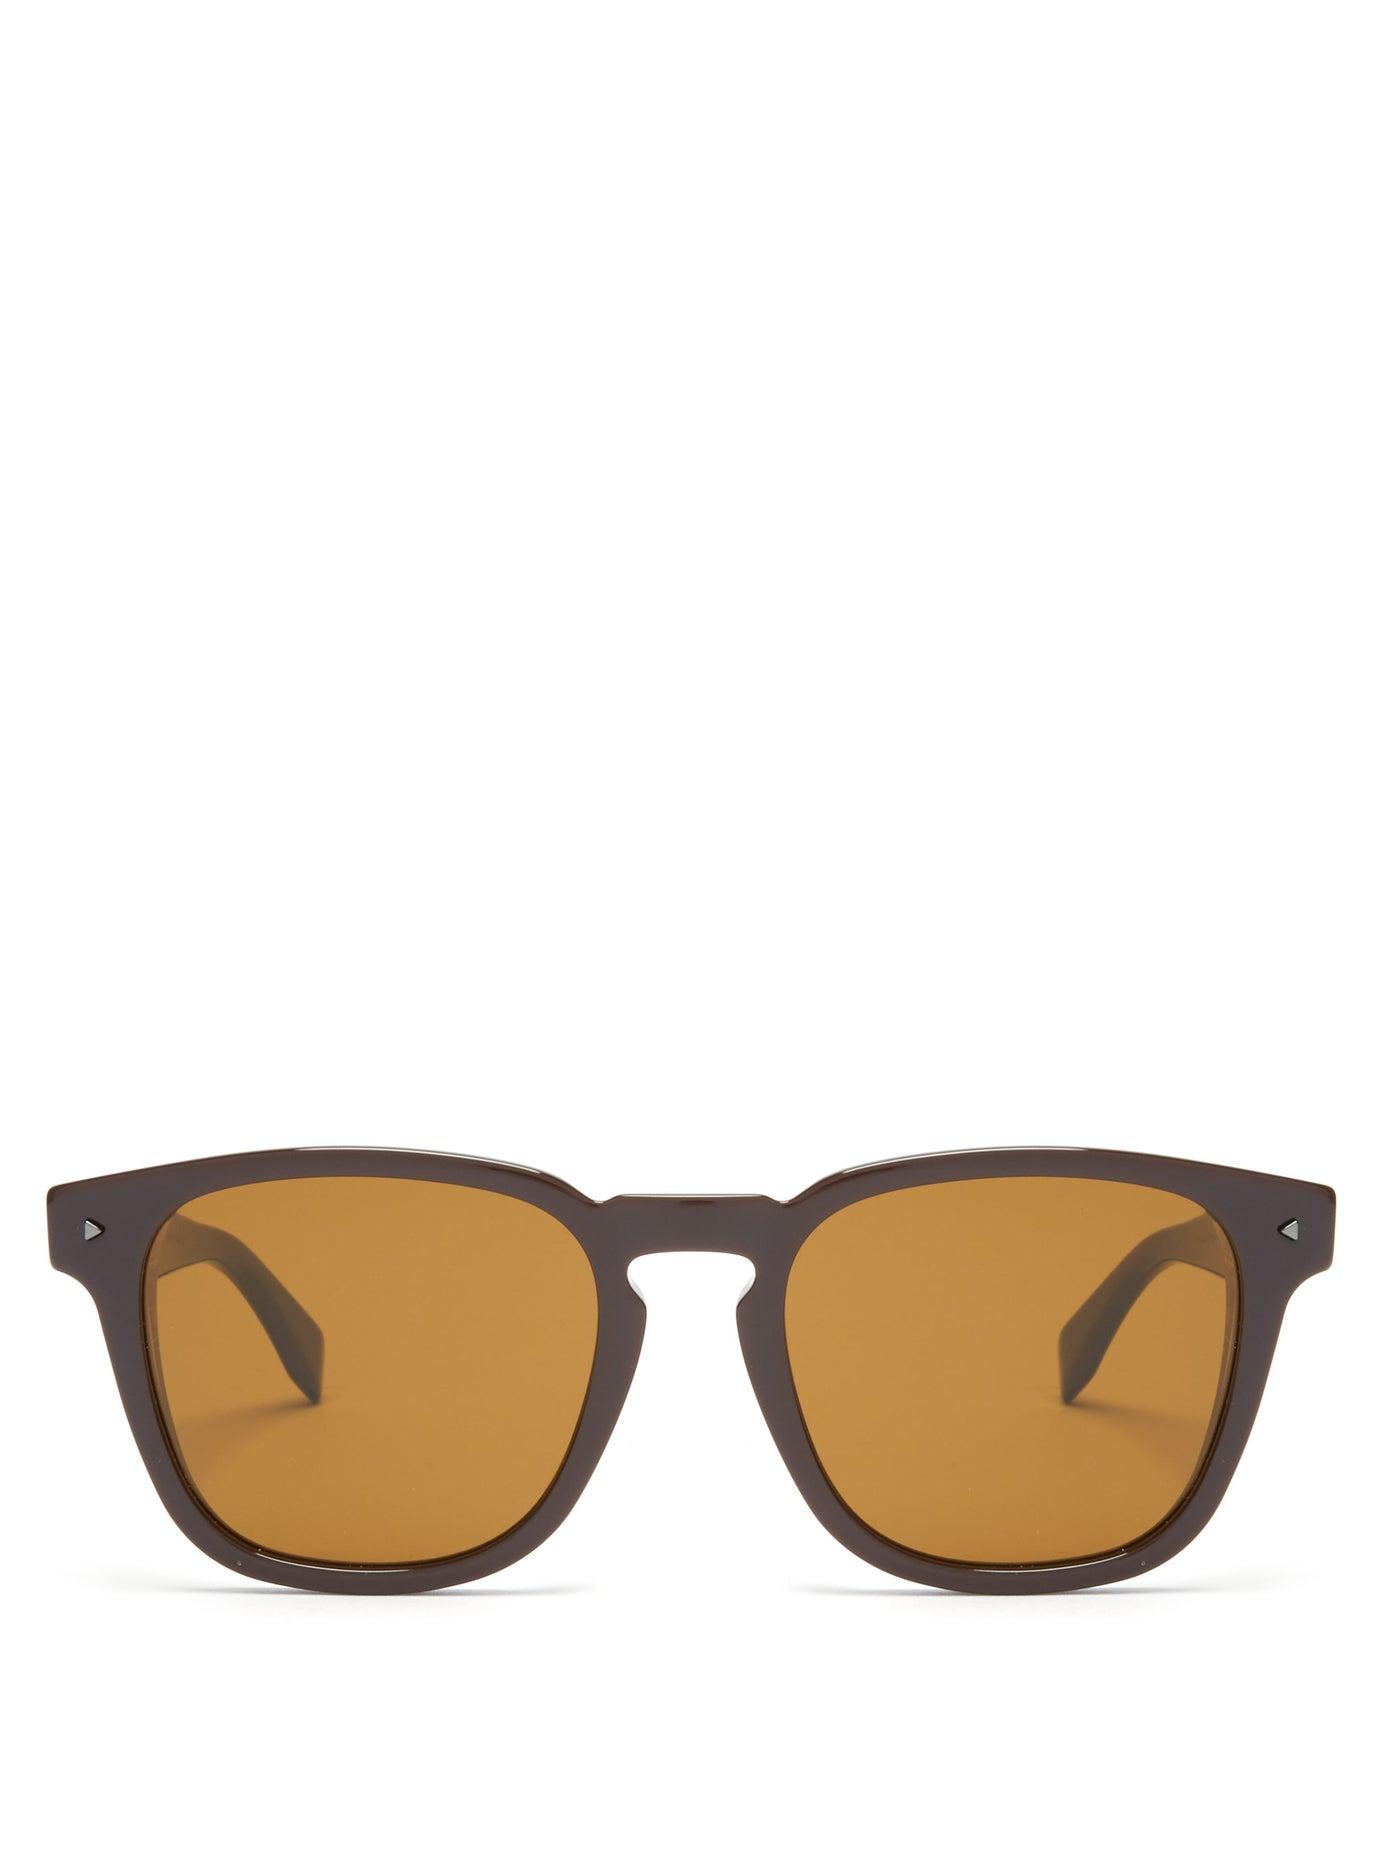 نظارات شمسية بإطارات عريضة وعدسات ملونة من Fendi